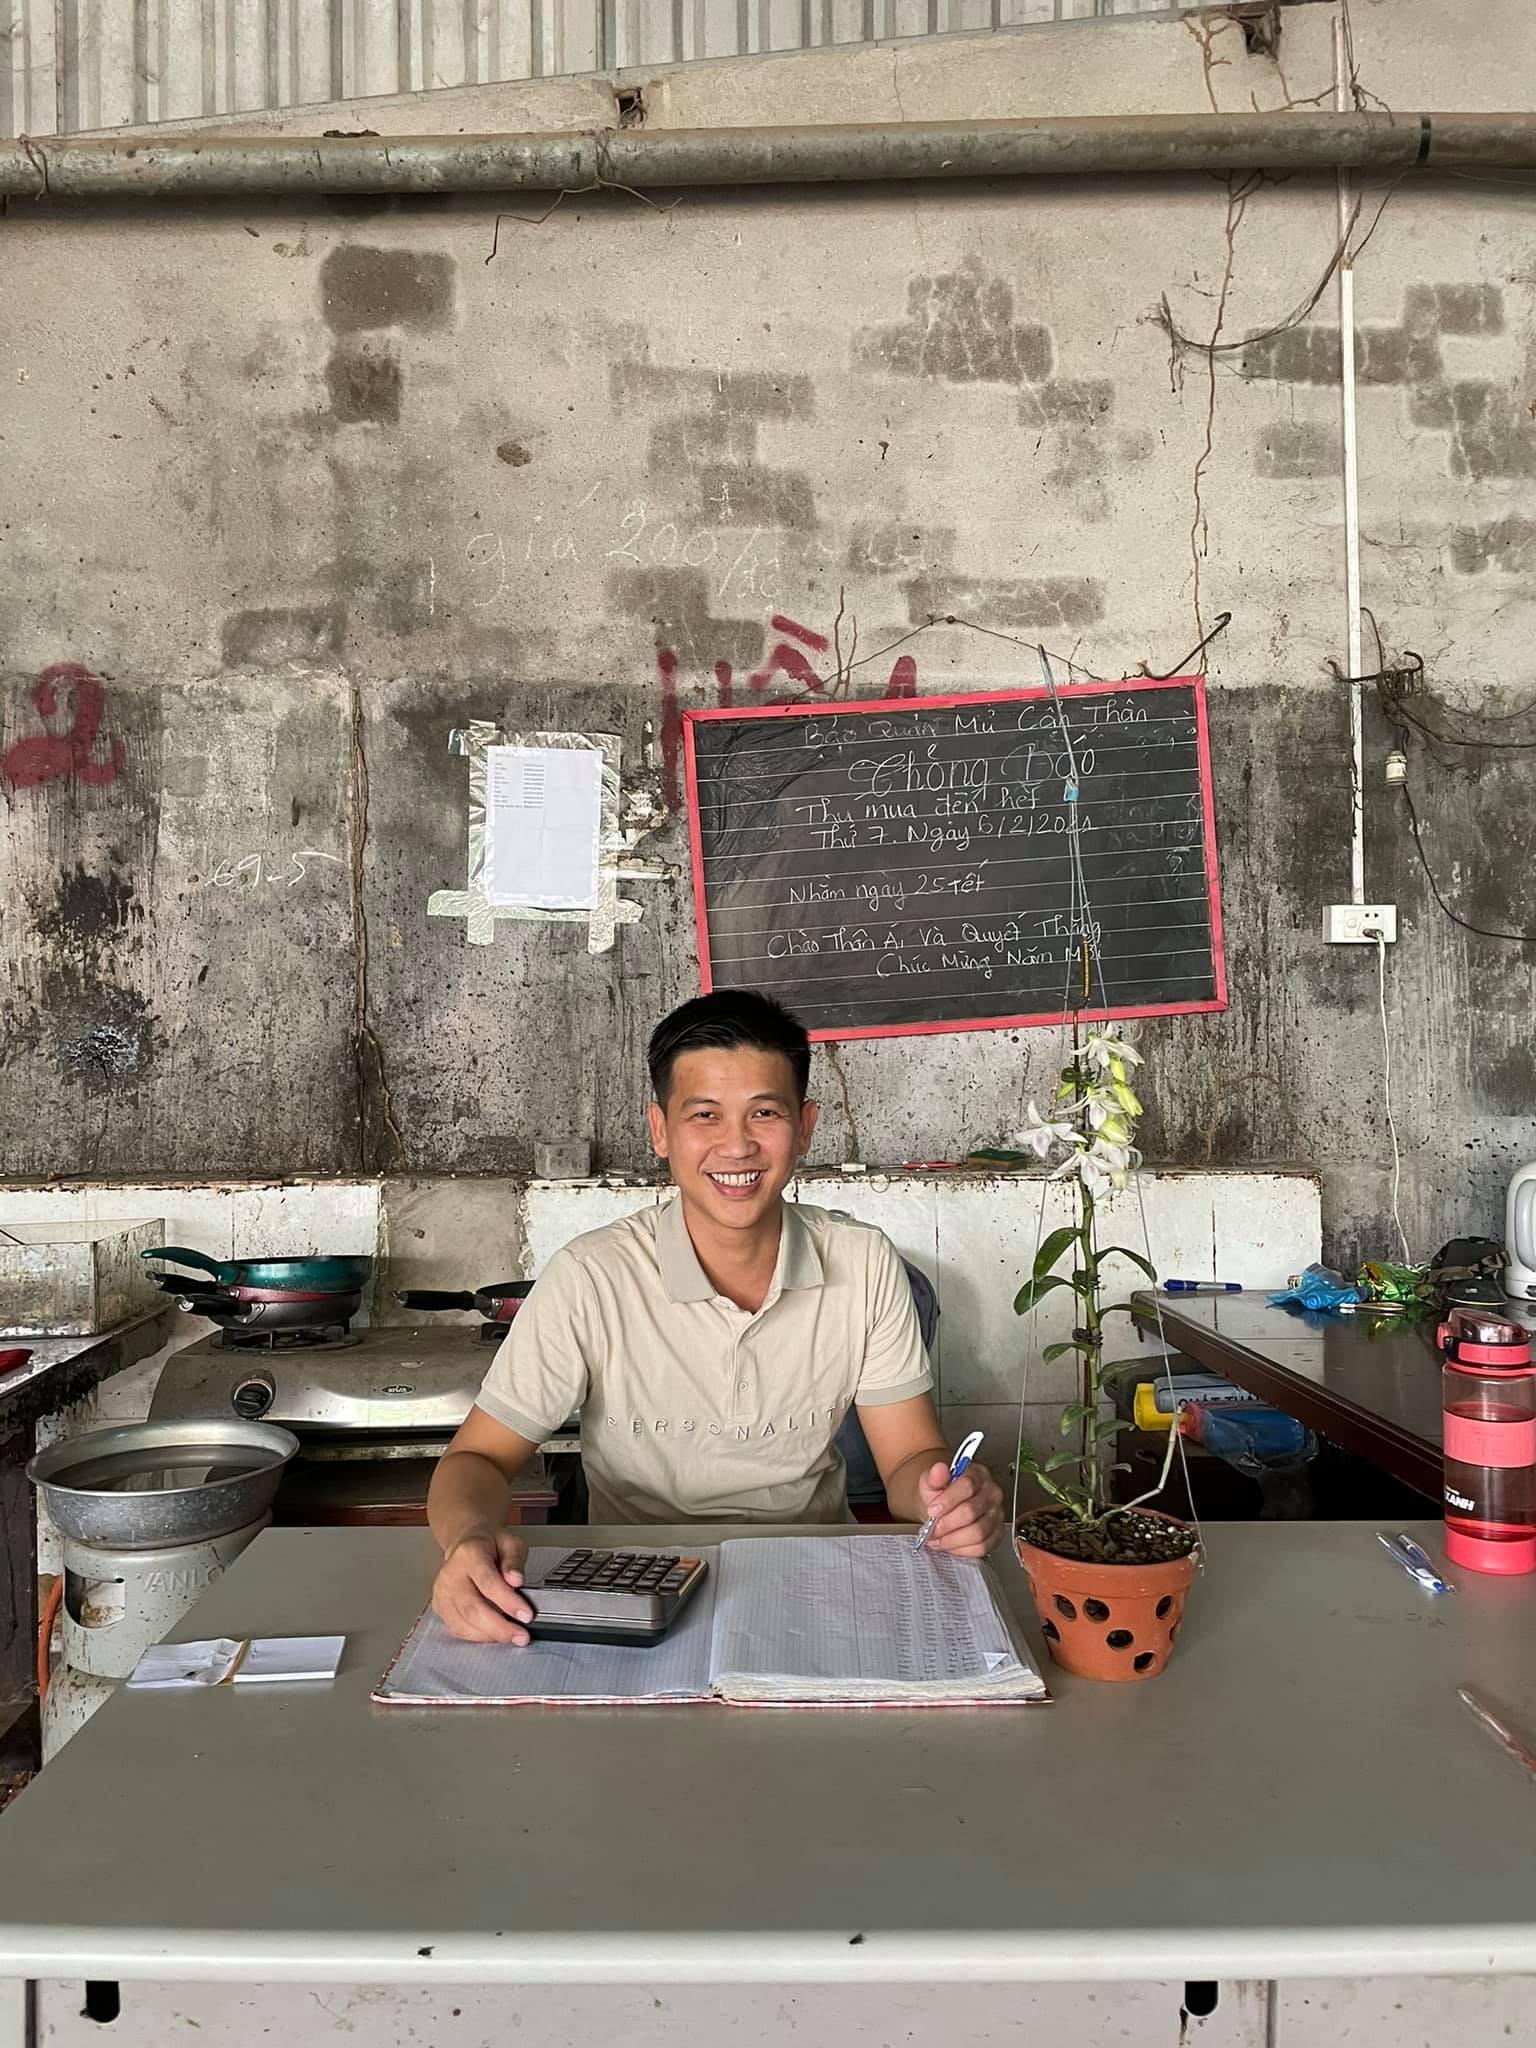 Nguyễn Minh Quân – Từ chàng trai trẻ yêu lan đến doanh nhân thành đạt nhờ kinh doanh lan - Ảnh 1